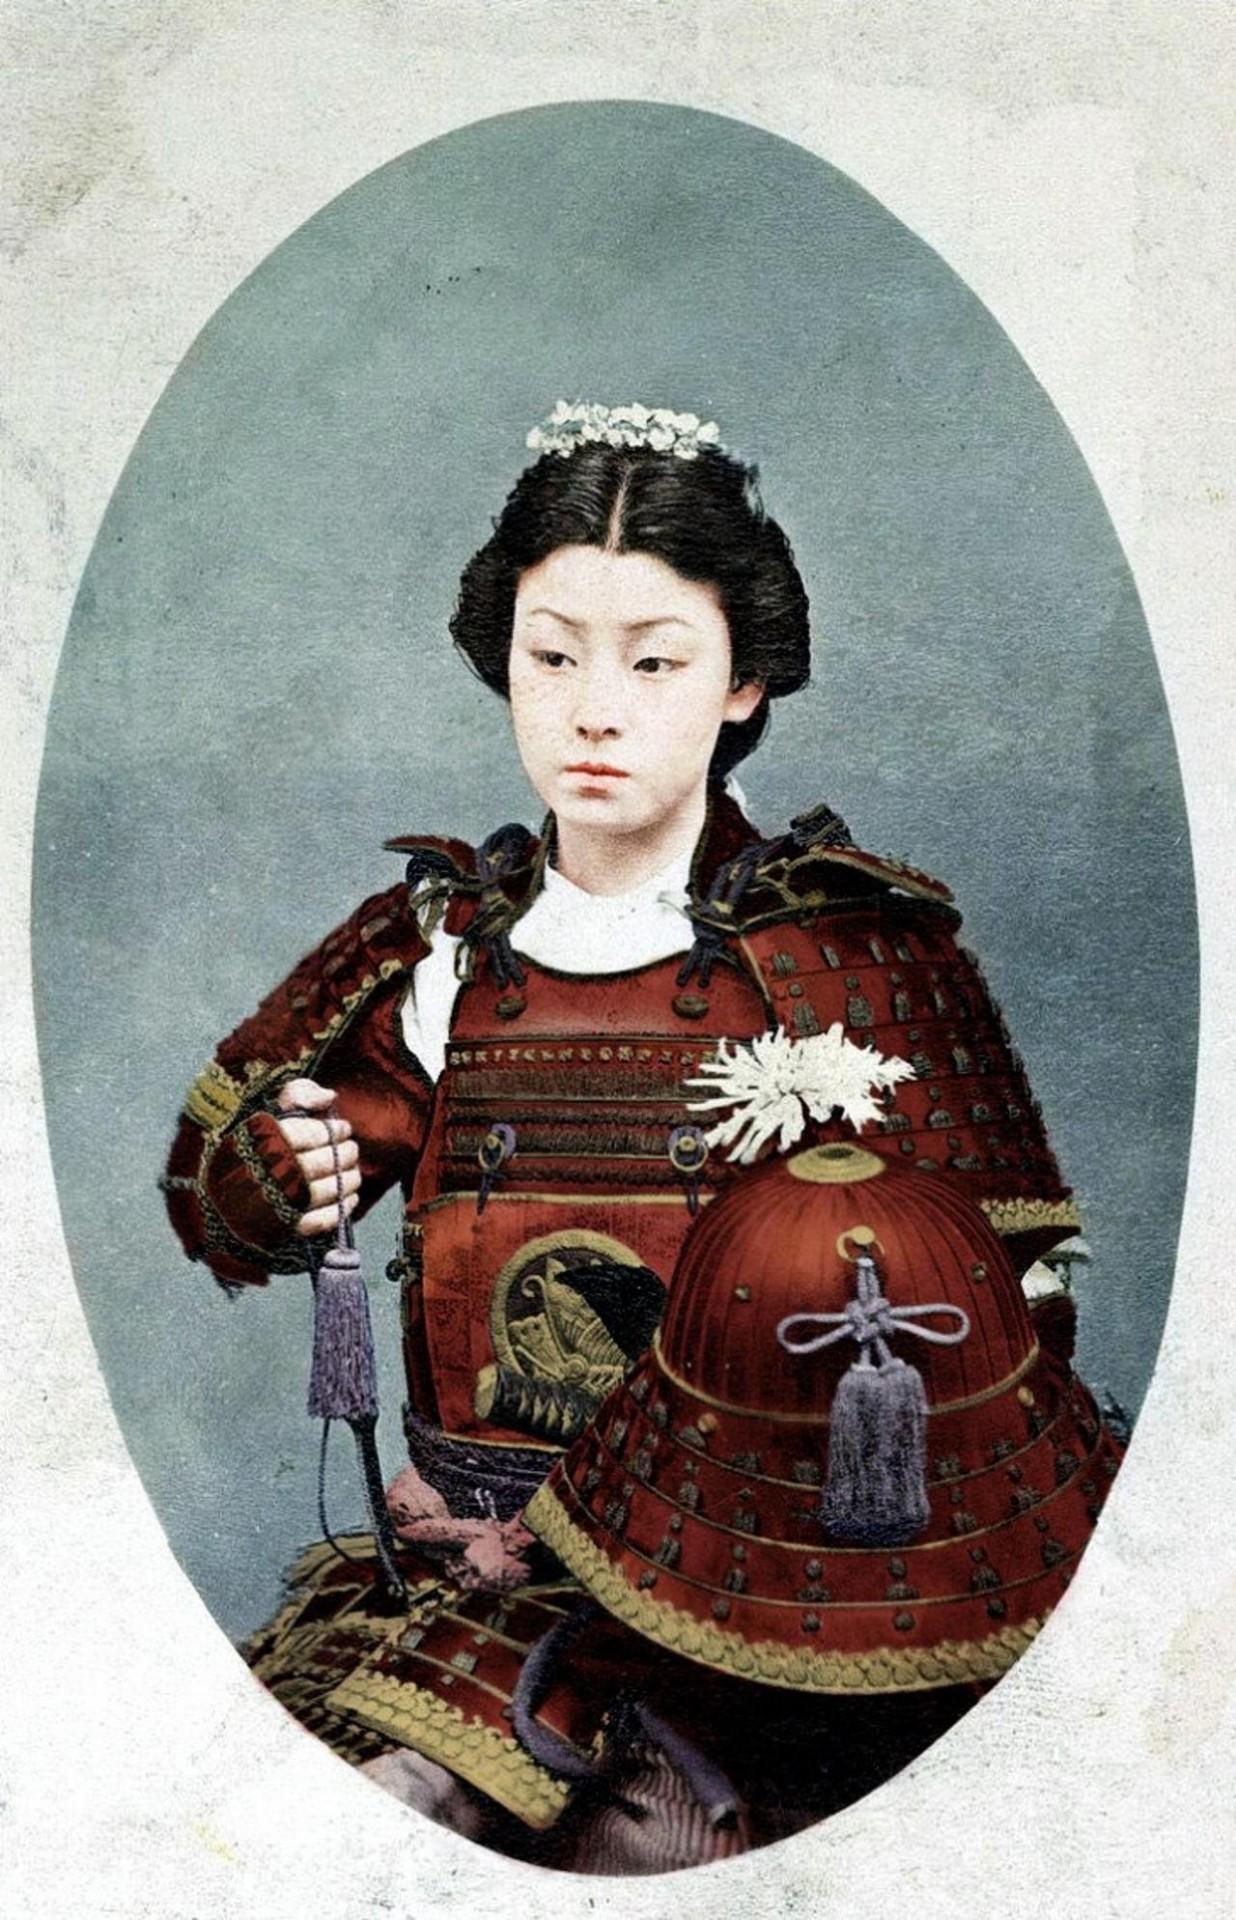 Раскрашенная фотография женщины-самурая конца 1800-х годов